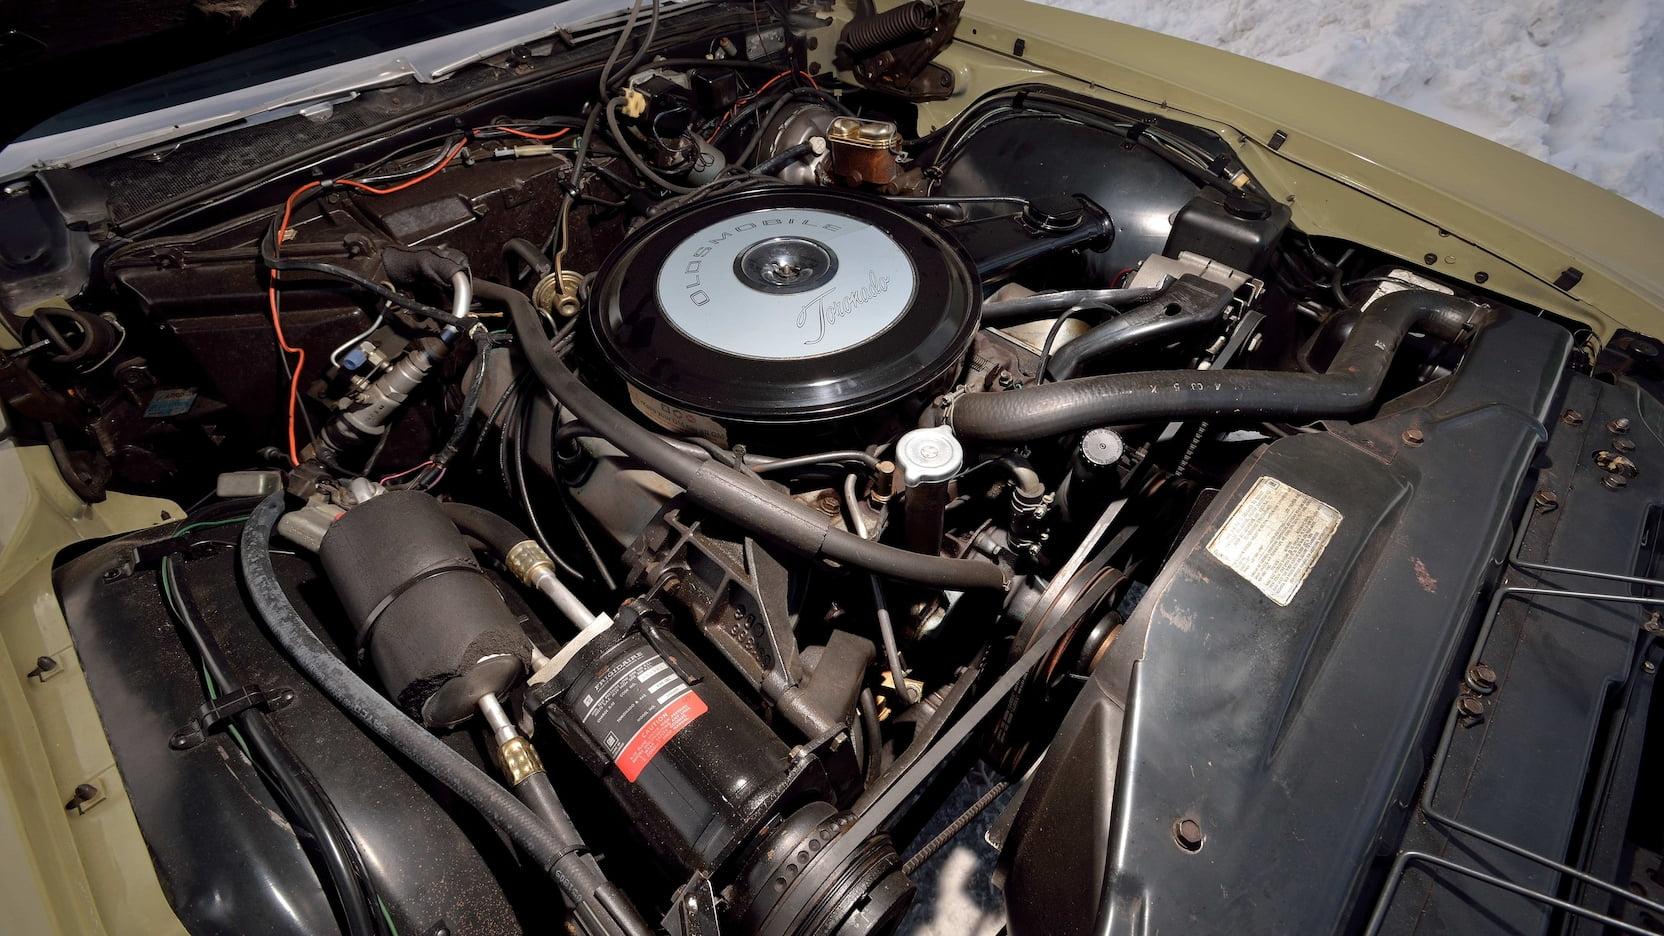 1969 Oldsmobile Toronado engine